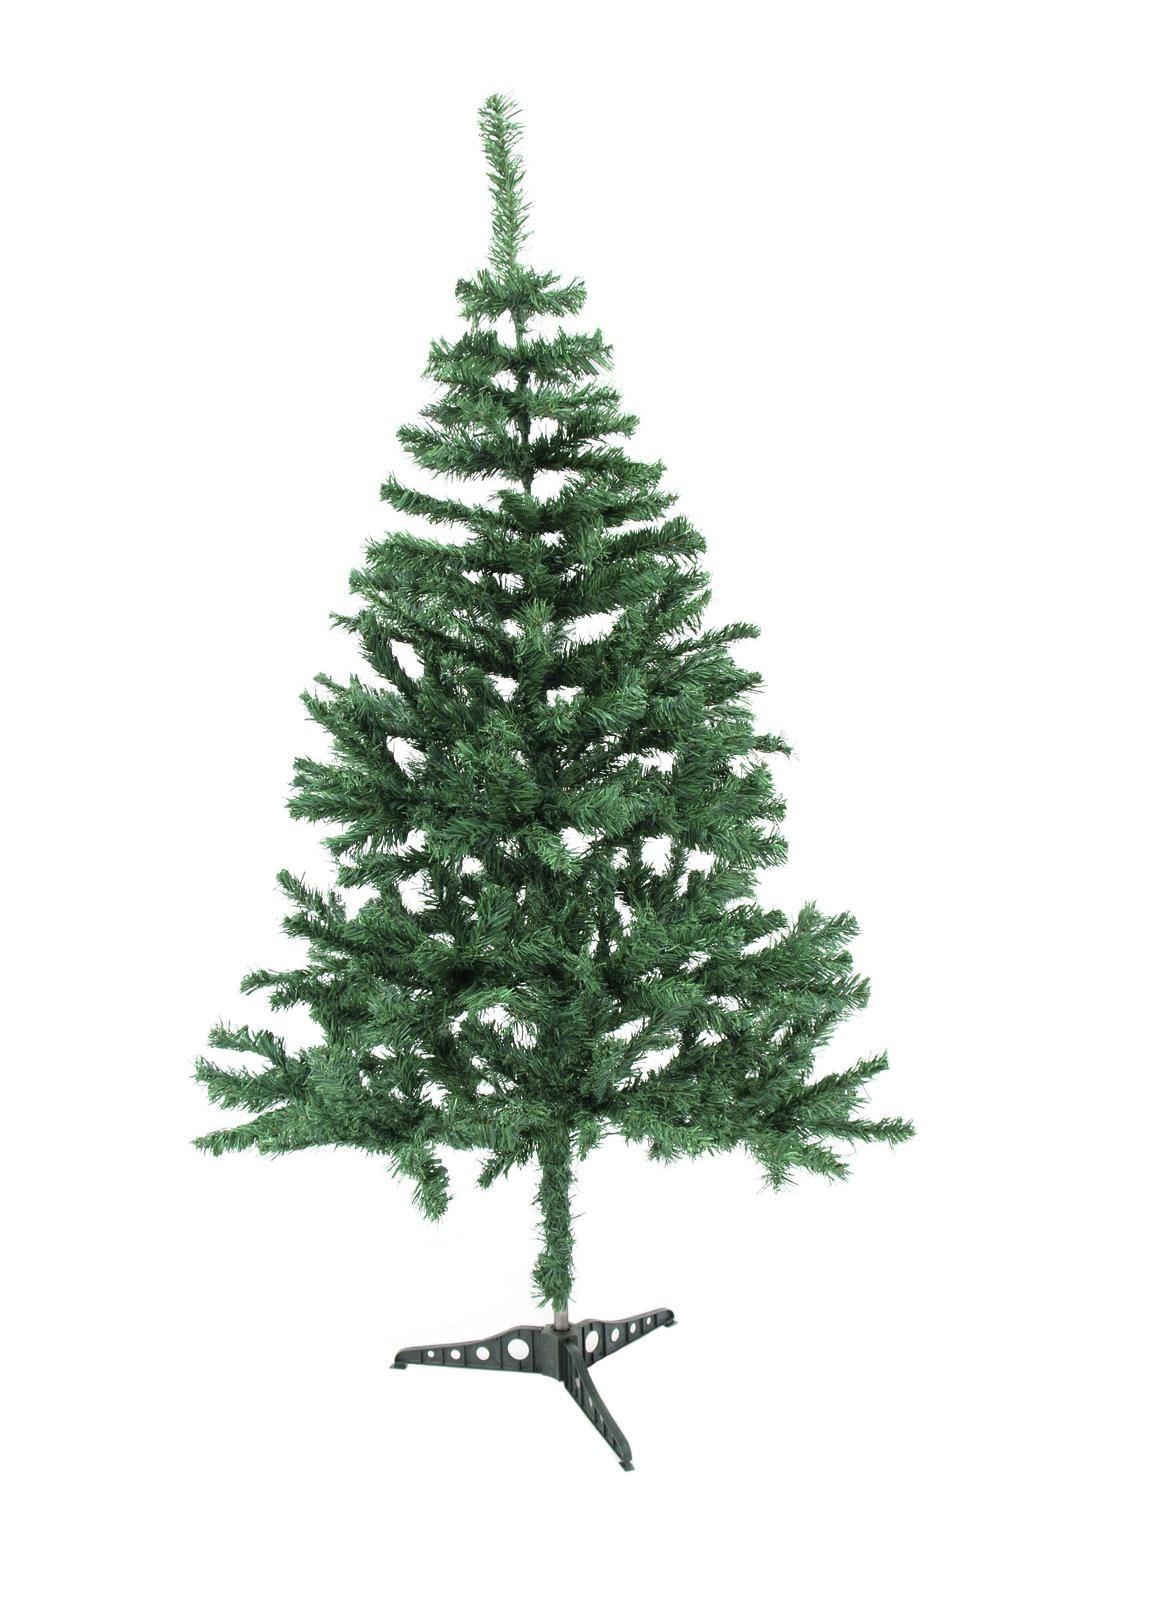 Tannenbaum 120 Cm.Europalms Tannenbaum 120cm Klassischer Tannenbaum Voluminös Und